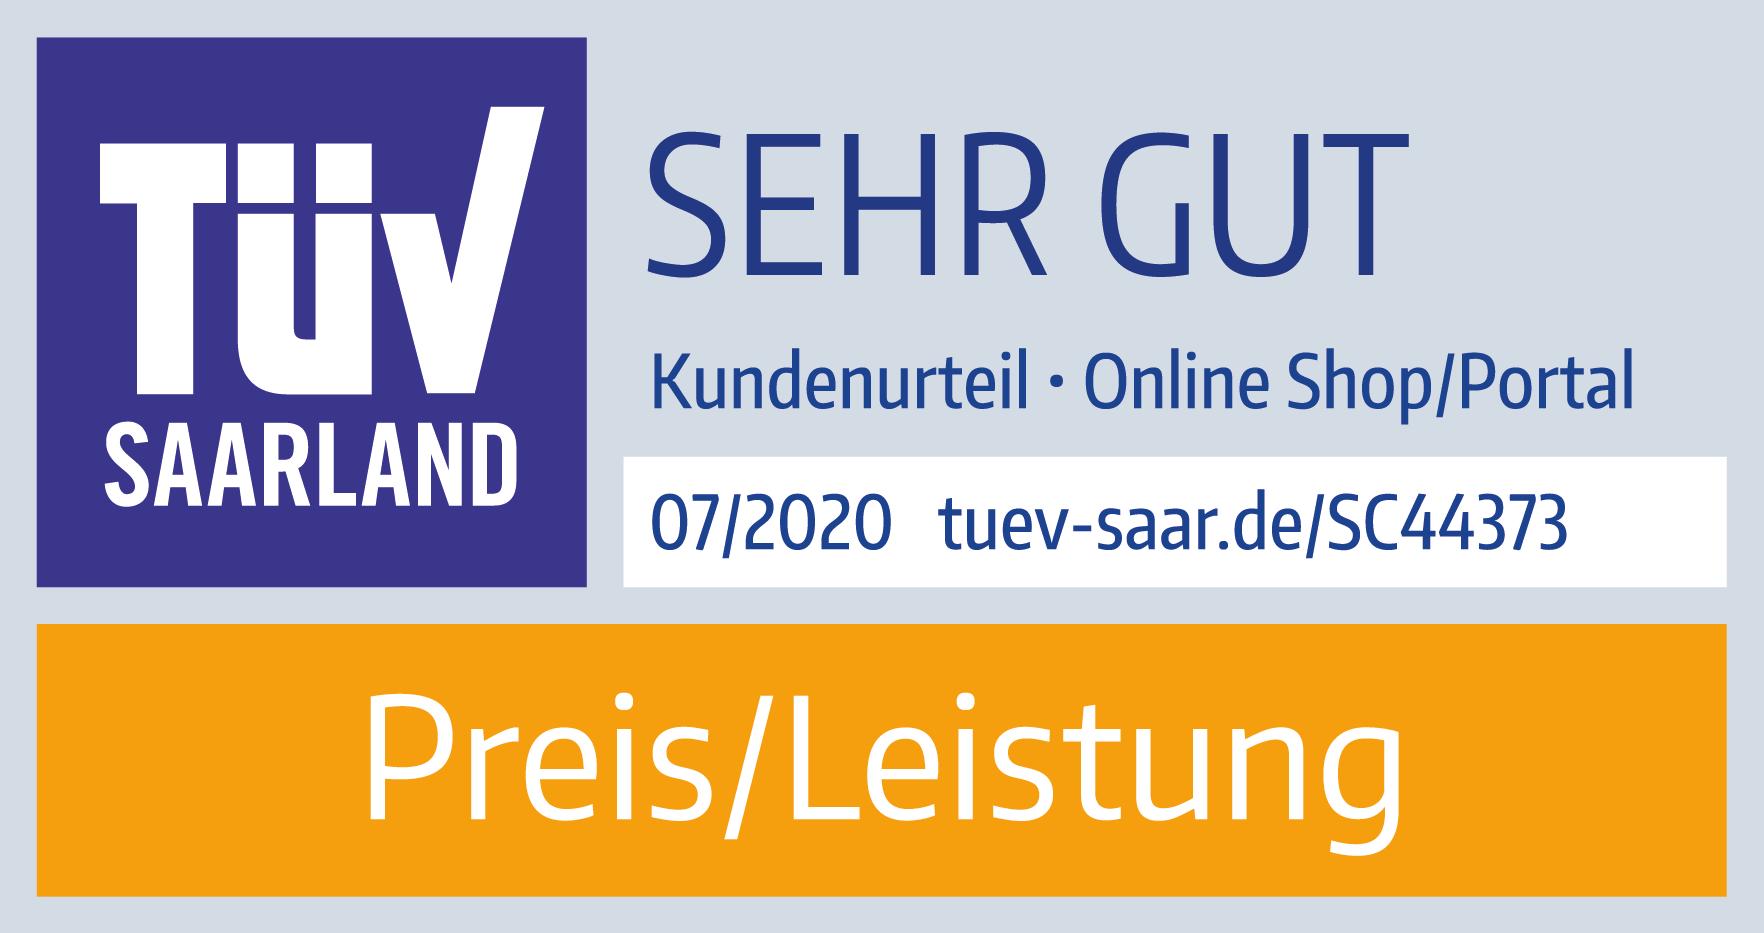 TÜV Saarland - Preis/Leistung hepster